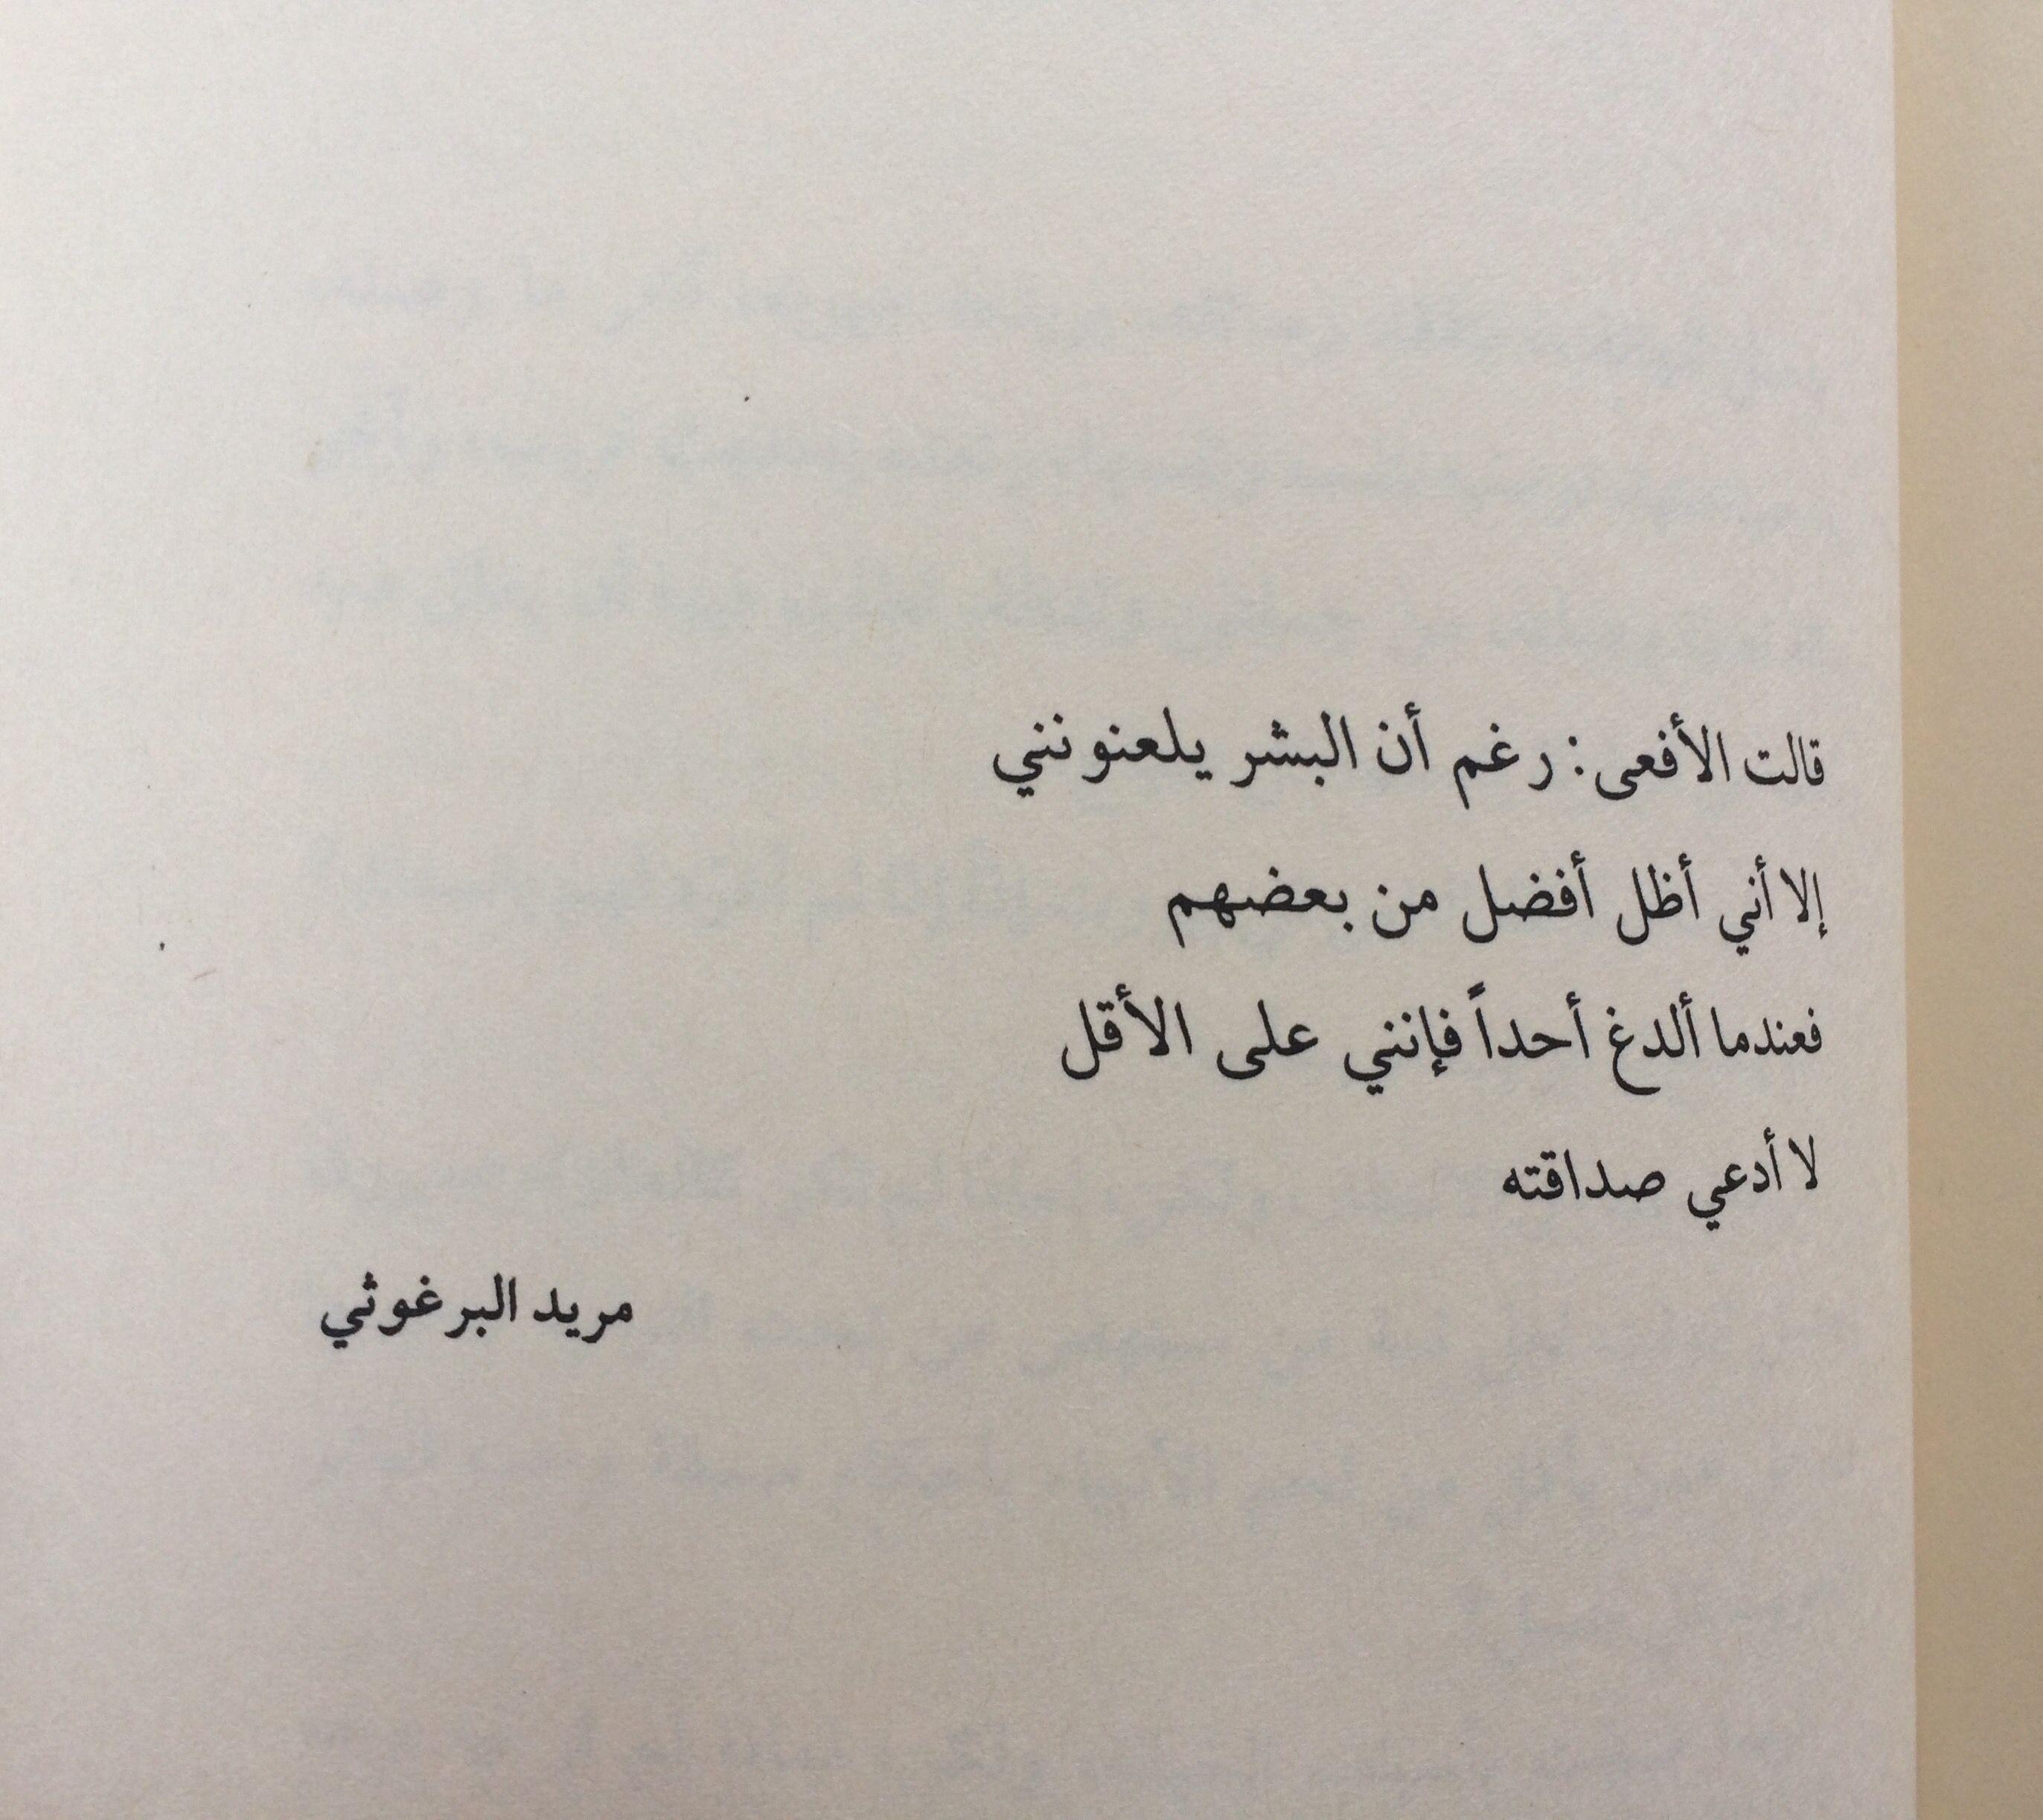 من رواية أنتظر قوس قزح خضر سلامة Arabic Words Arabic Quotes Quotes